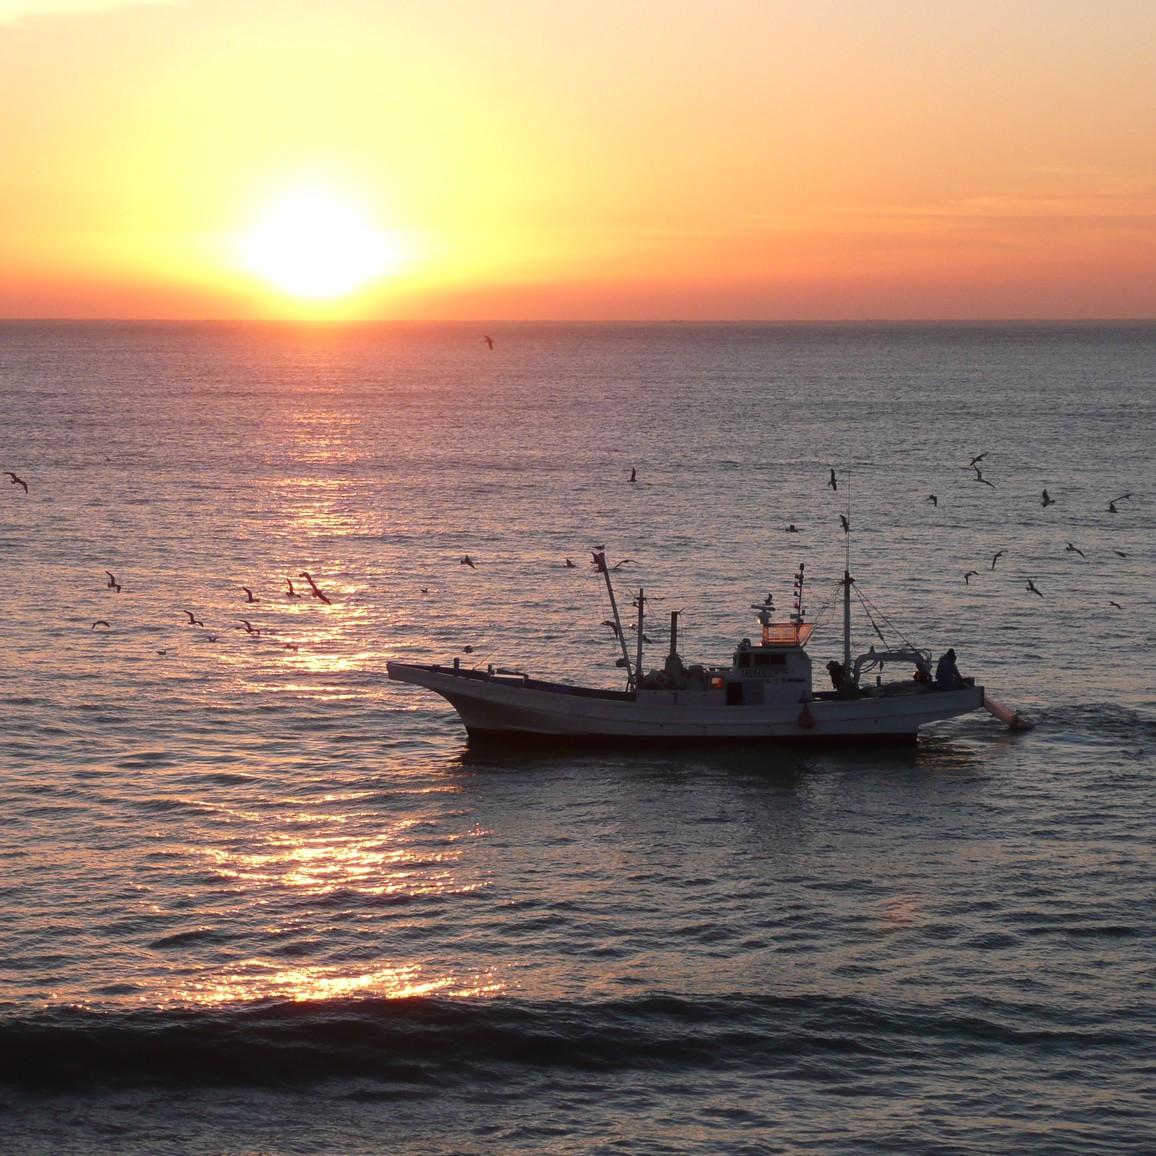 海づくしの湯 はぎ屋旅館 関連画像 2枚目 楽天トラベル提供